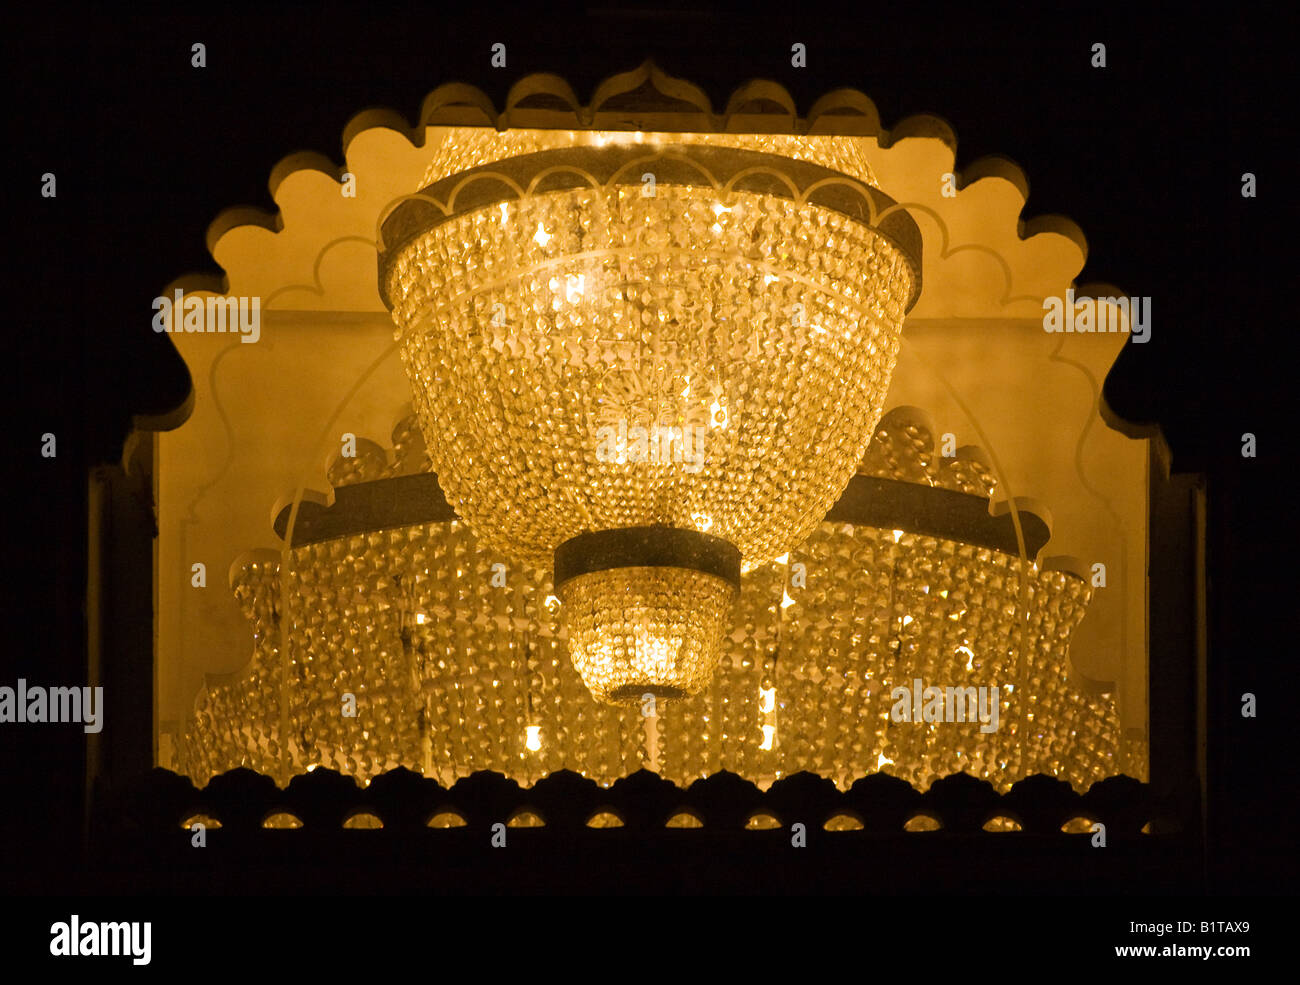 der crystal ballroom kronleuchter in der city palace udaipur von maharaja udai singh ll 1600 n chr rajasthan indien gebaut - Kronleuchter In Indien